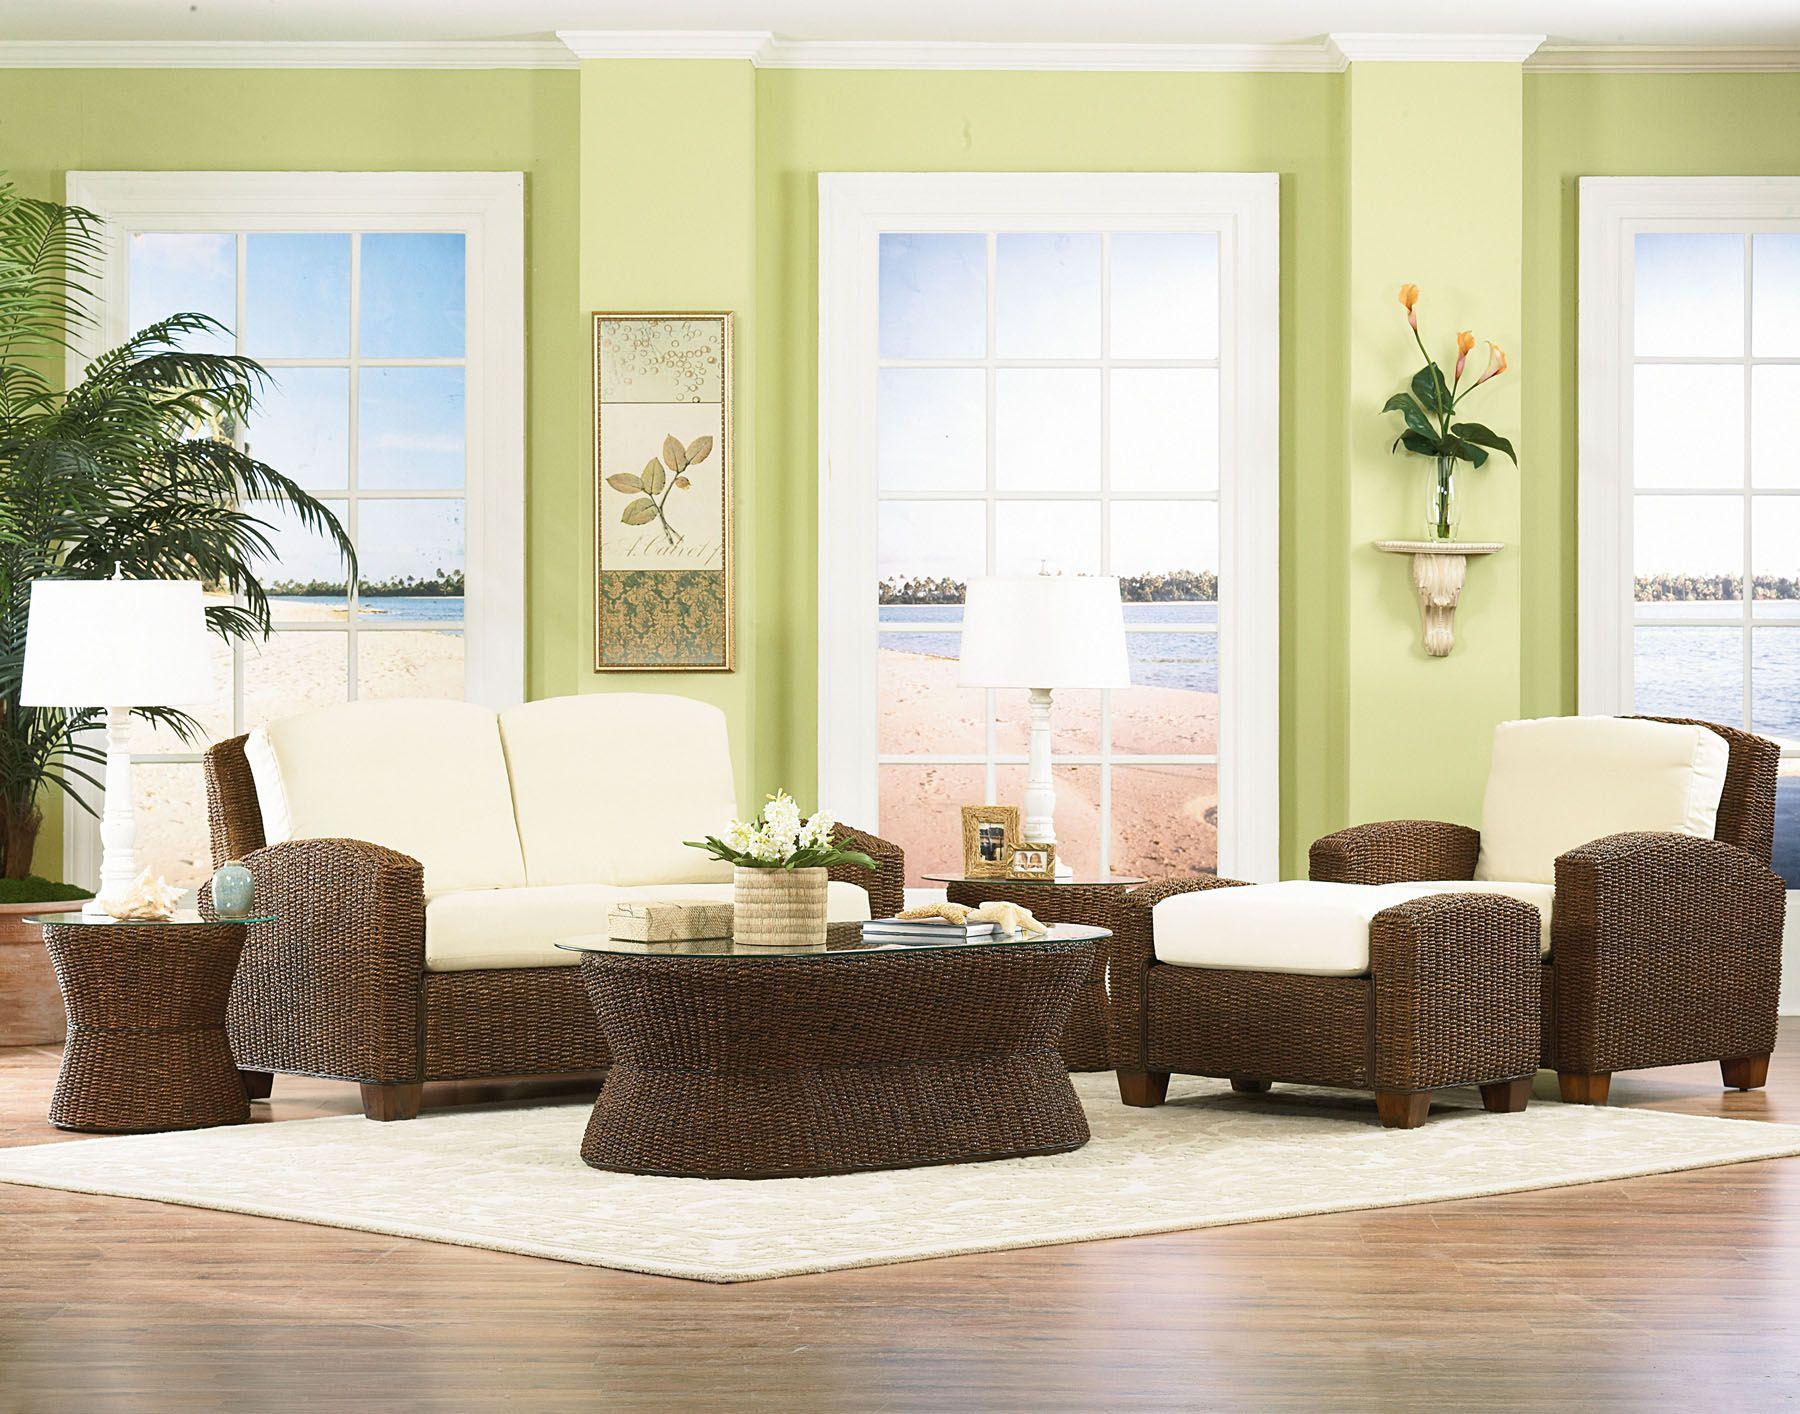 Best Extending Your Indoor Living Space With Wicker Patio 400 x 300